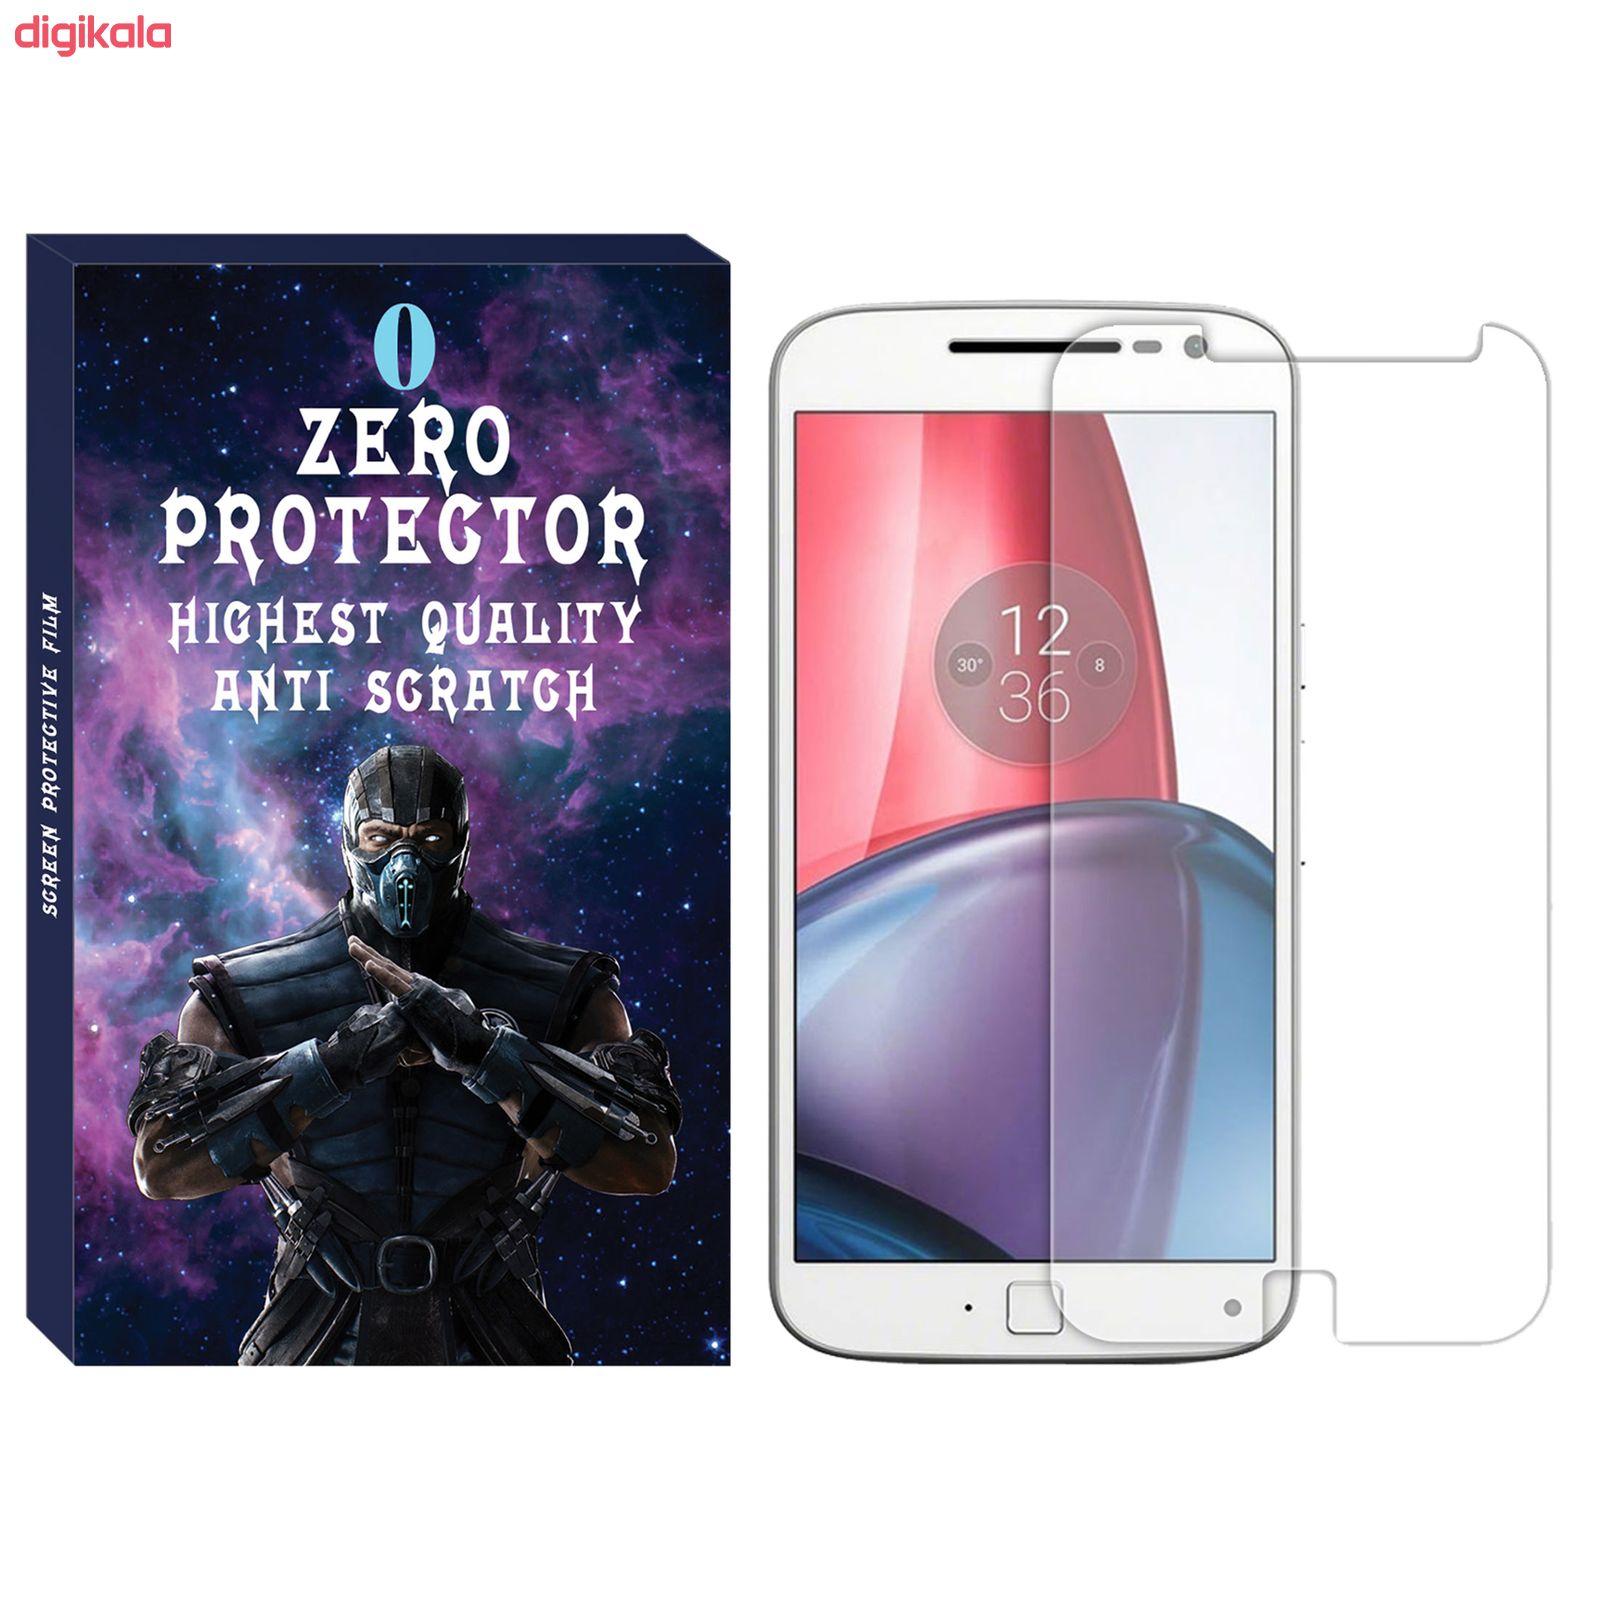 محافظ صفحه نمایش زیرو مدل SDZ-01 مناسب برای گوشی موبایل موتورولا Moto G4 Plus main 1 1